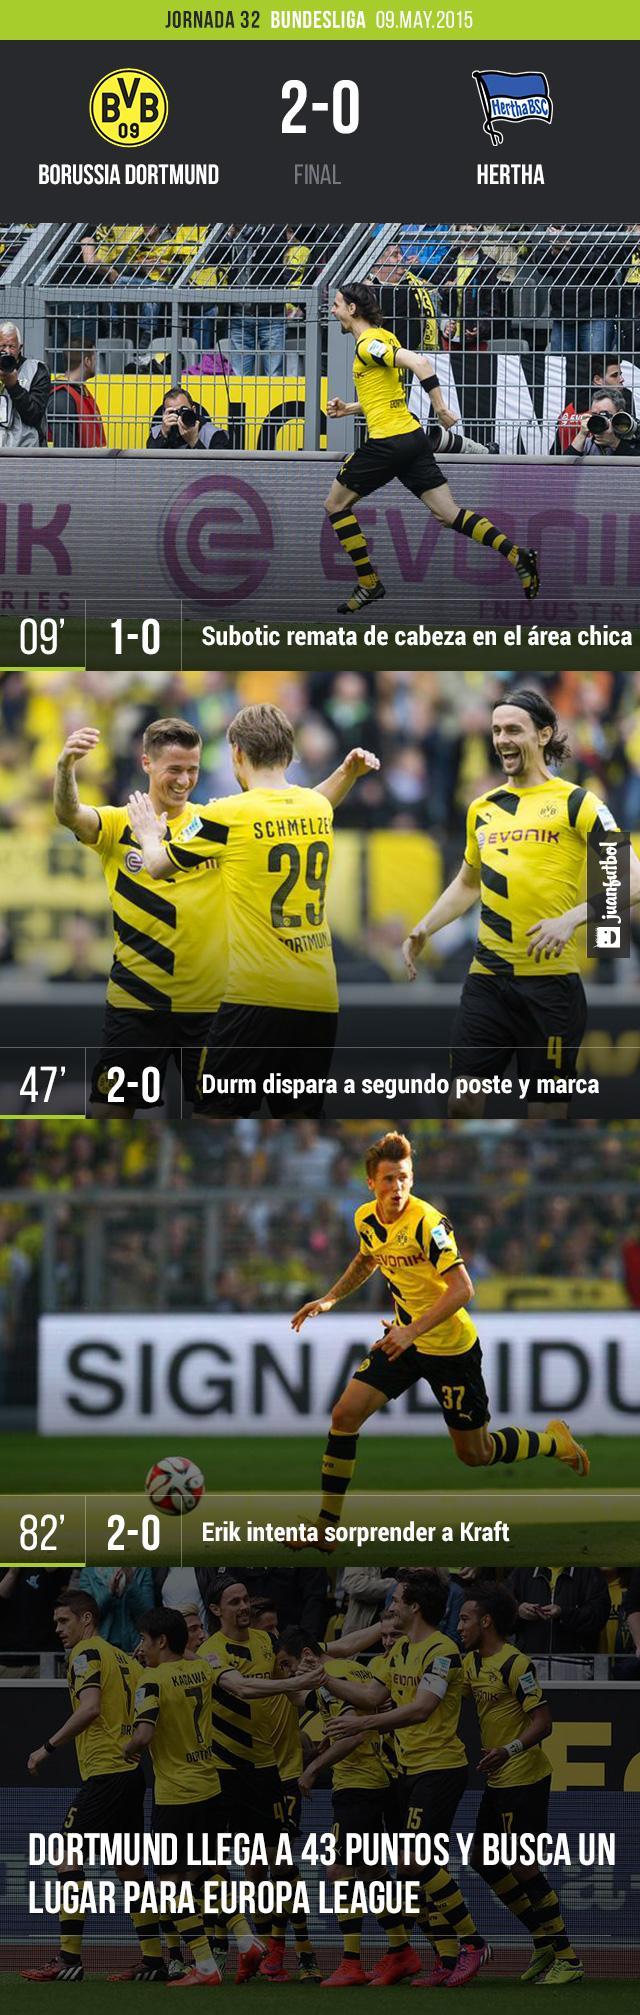 Borussia Dortmund vence a Hertha Berlín y se olvida del descenso